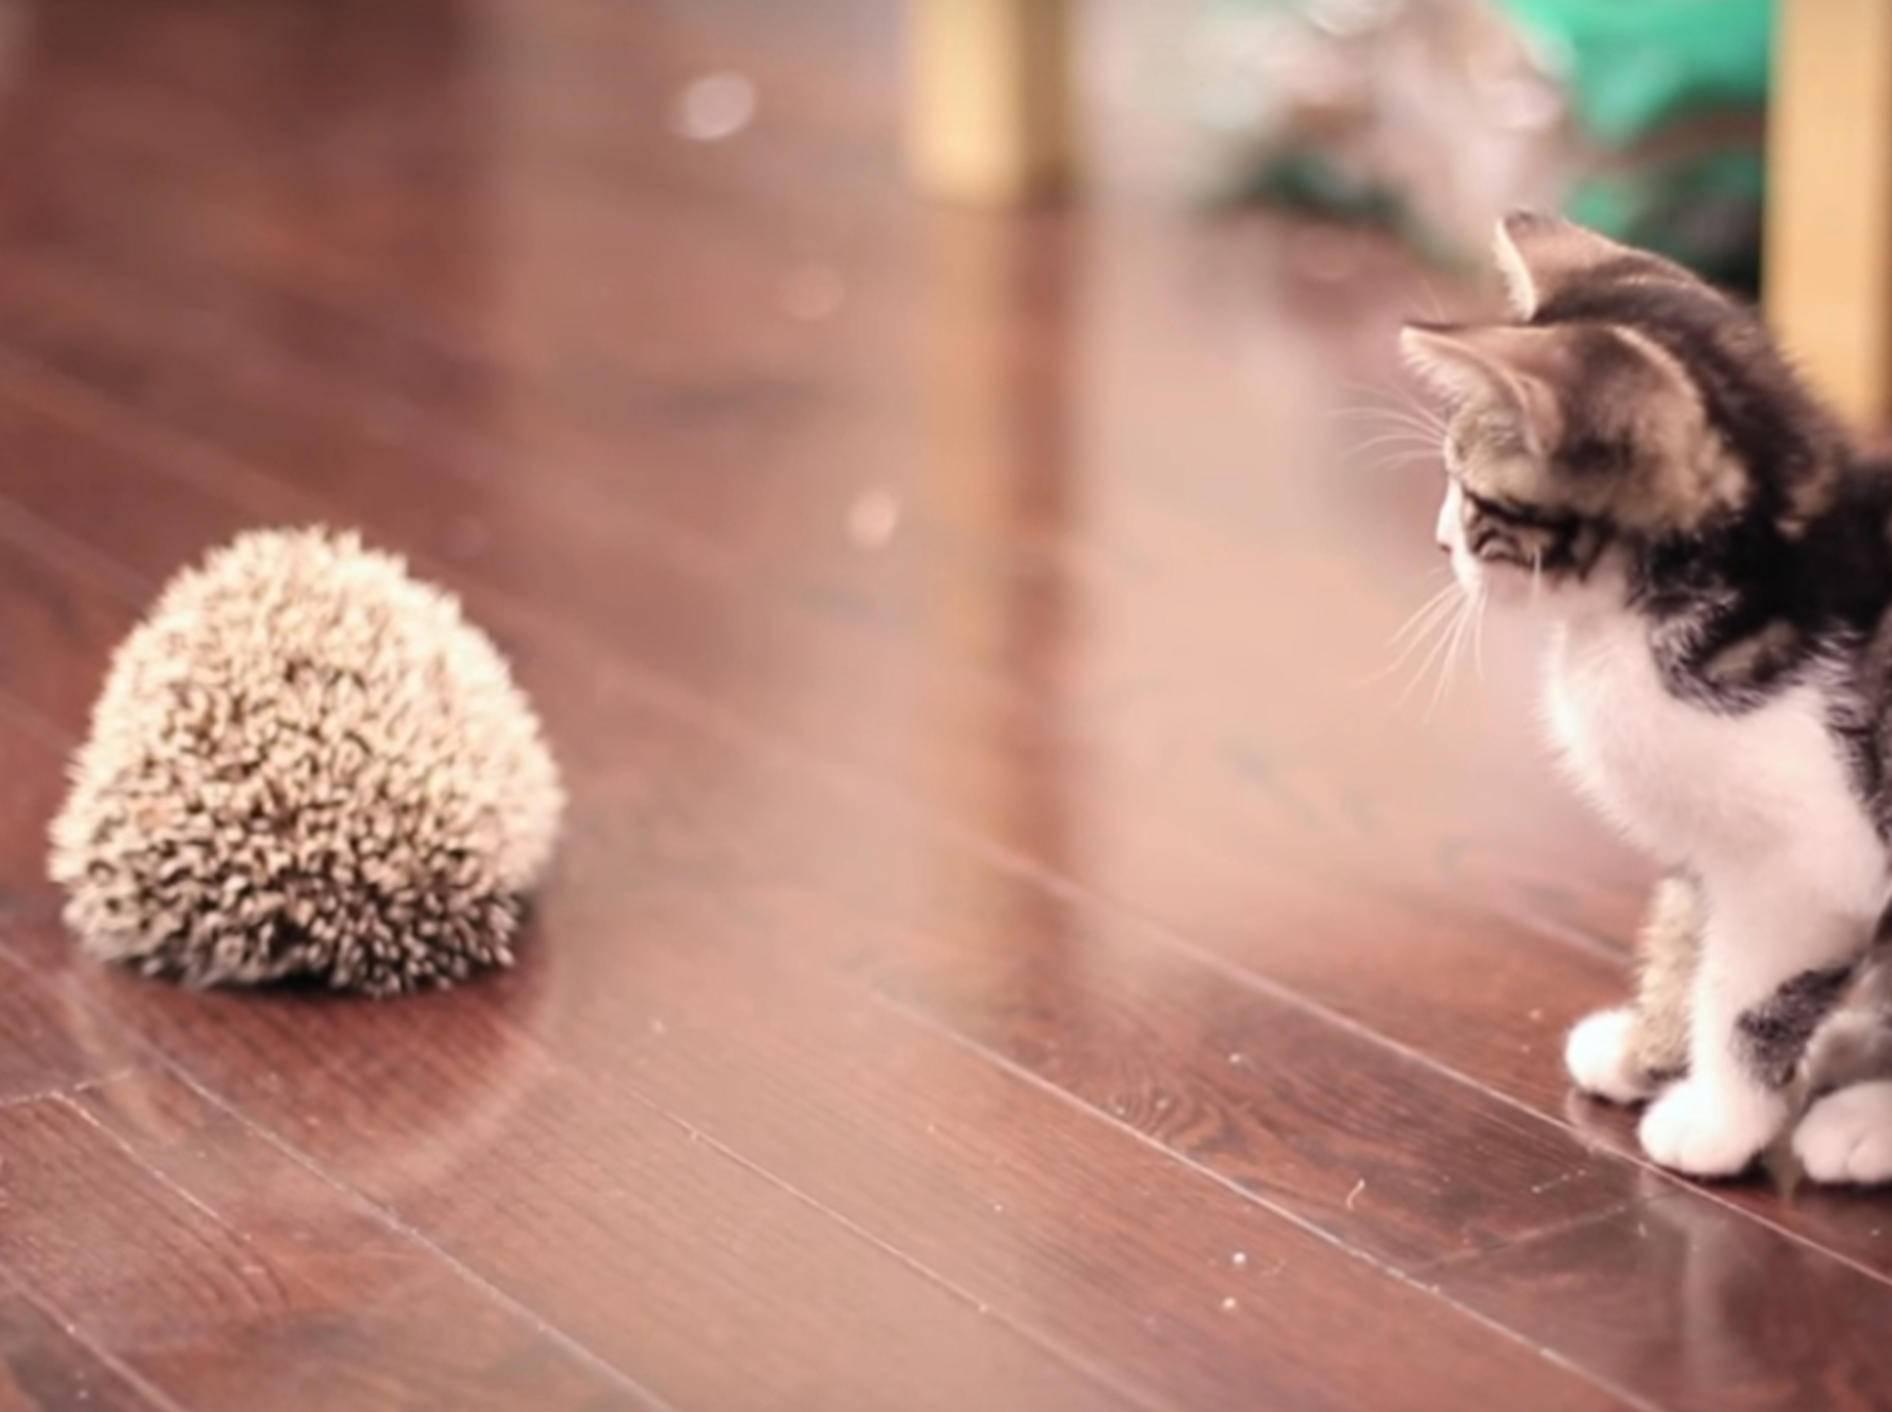 Wie niedlich! Diese Babykatze lernt einen Igel kennen - YouTube/TheSorryGirls